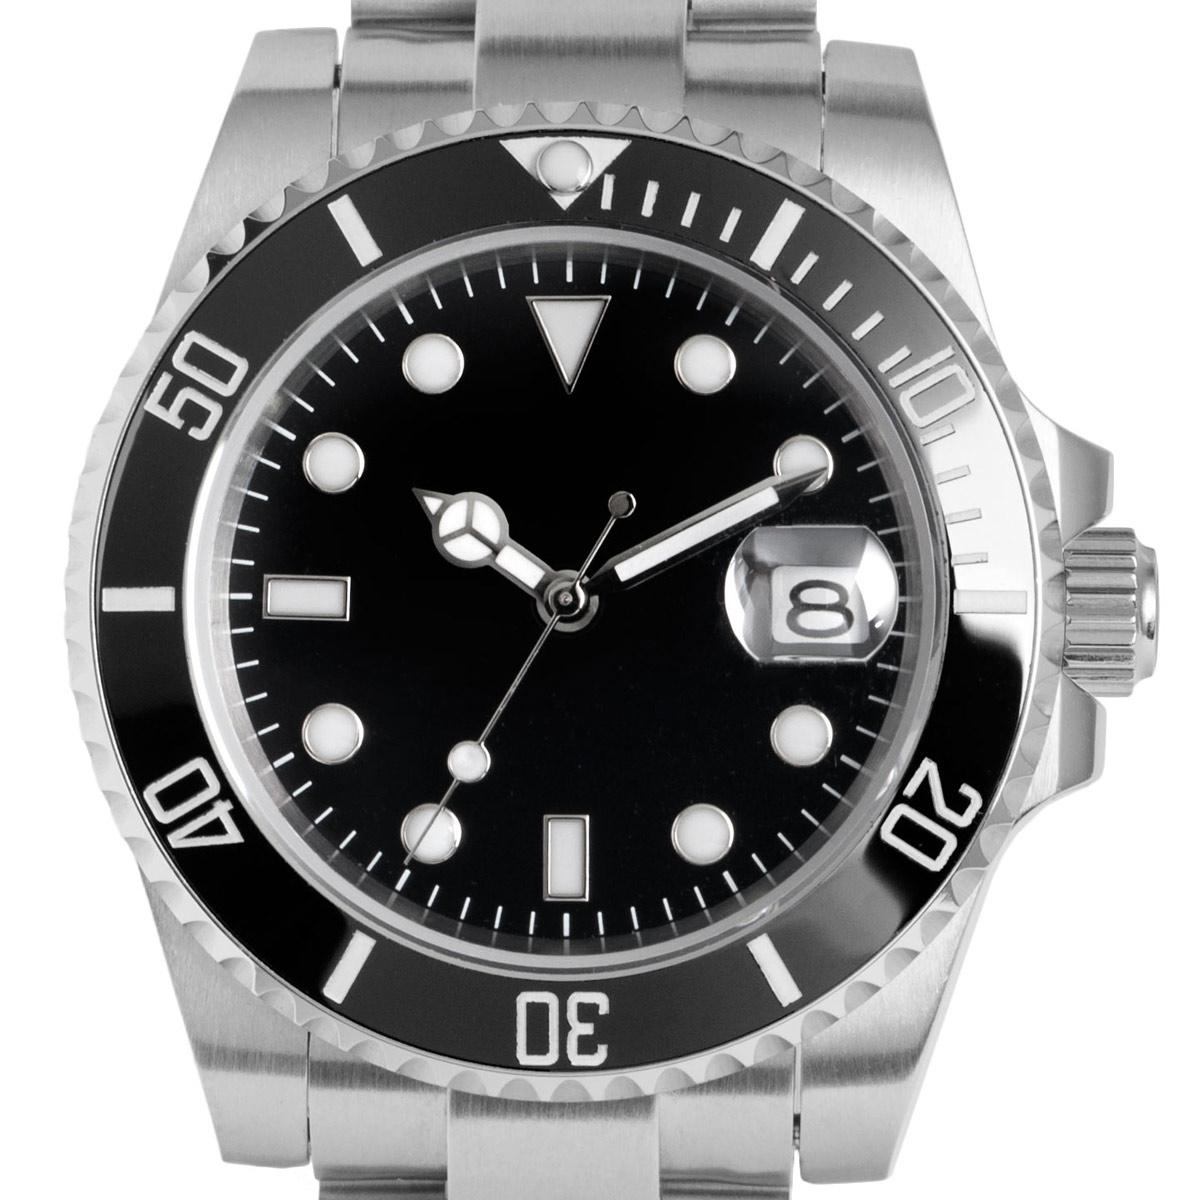 e819a159bb ブラック オートマチック 【ポイント10倍】 機械式腕時計 メンズ GMTマスター NOLOGO PVD 自動巻 シンプル ノーロゴ [ NL-063BB4ASG  ]